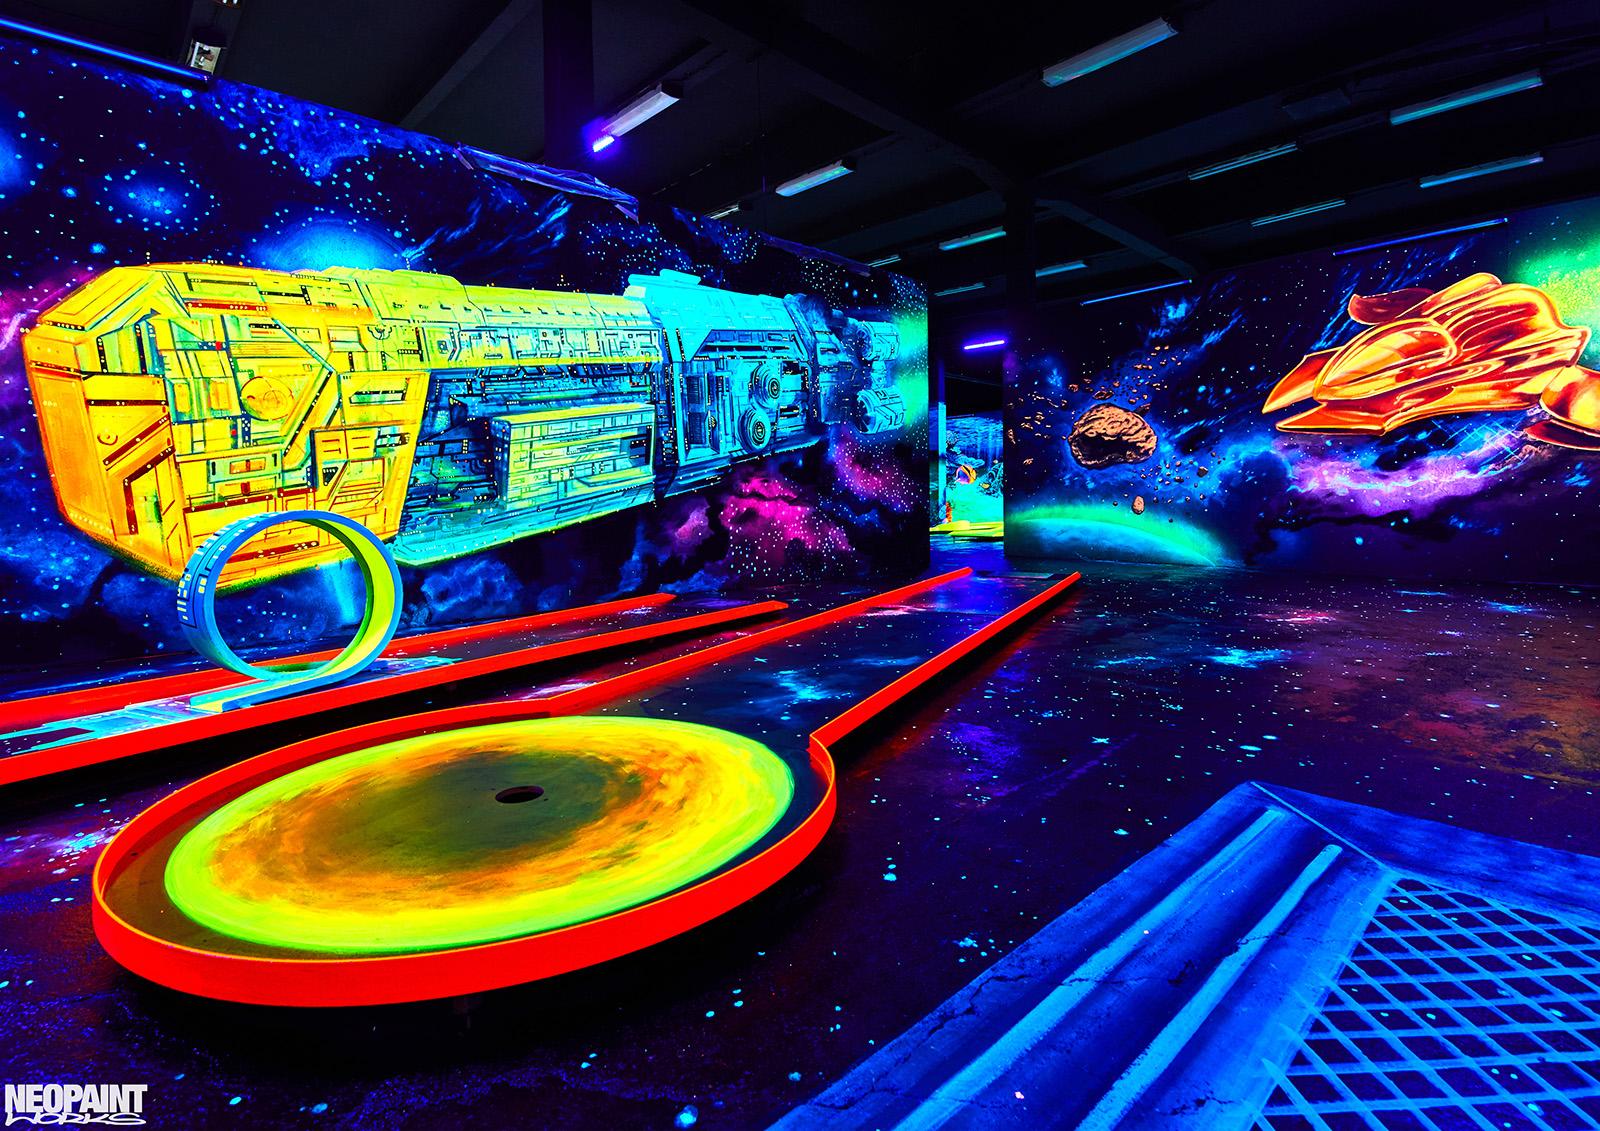 UV festés - fluoreszkáló festmény - neopaint works - űr